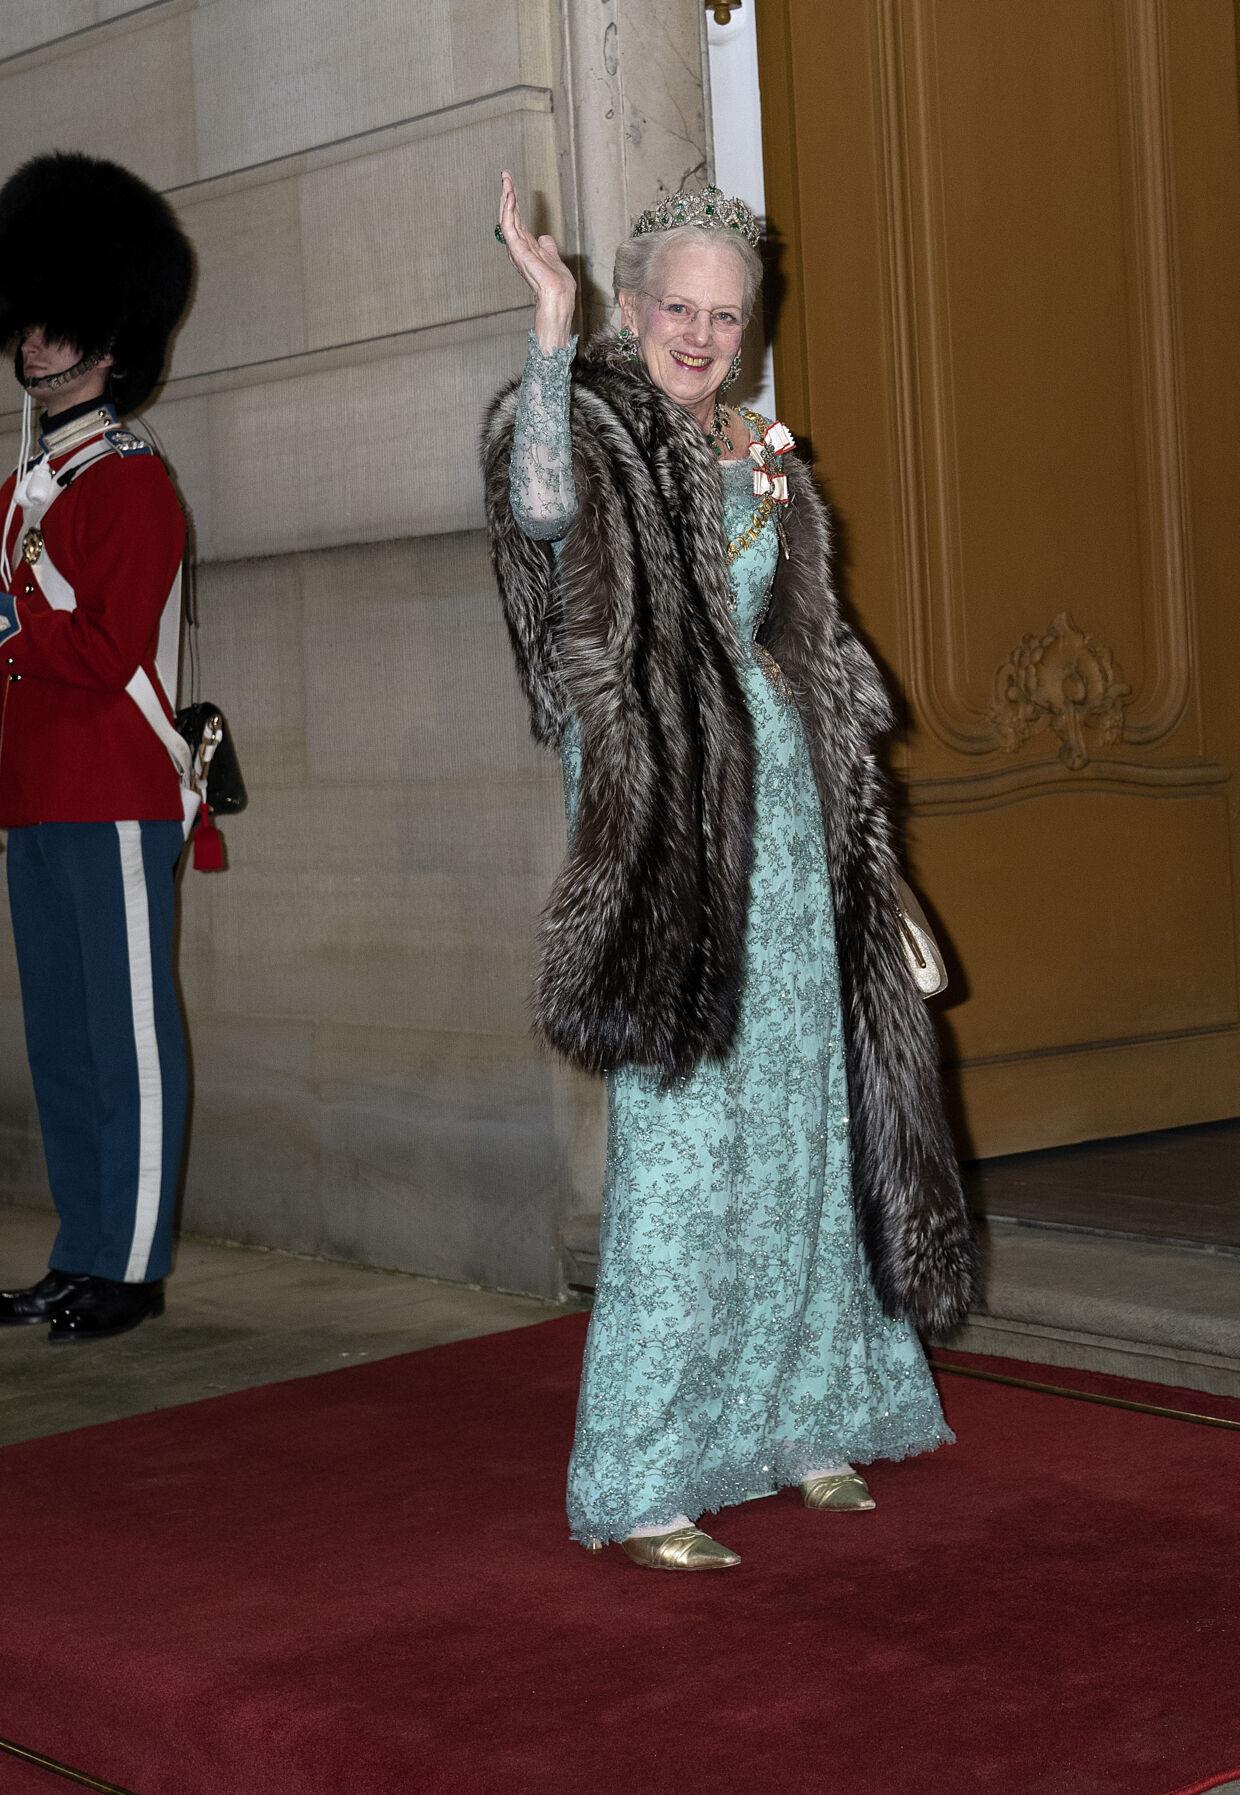 Dronning Margrethe ankommer til nytårstaffel. Hun får seks ud af seks stjerner for valg af kjole. (foto Keld Navntoft/Ritzau Scanpix )